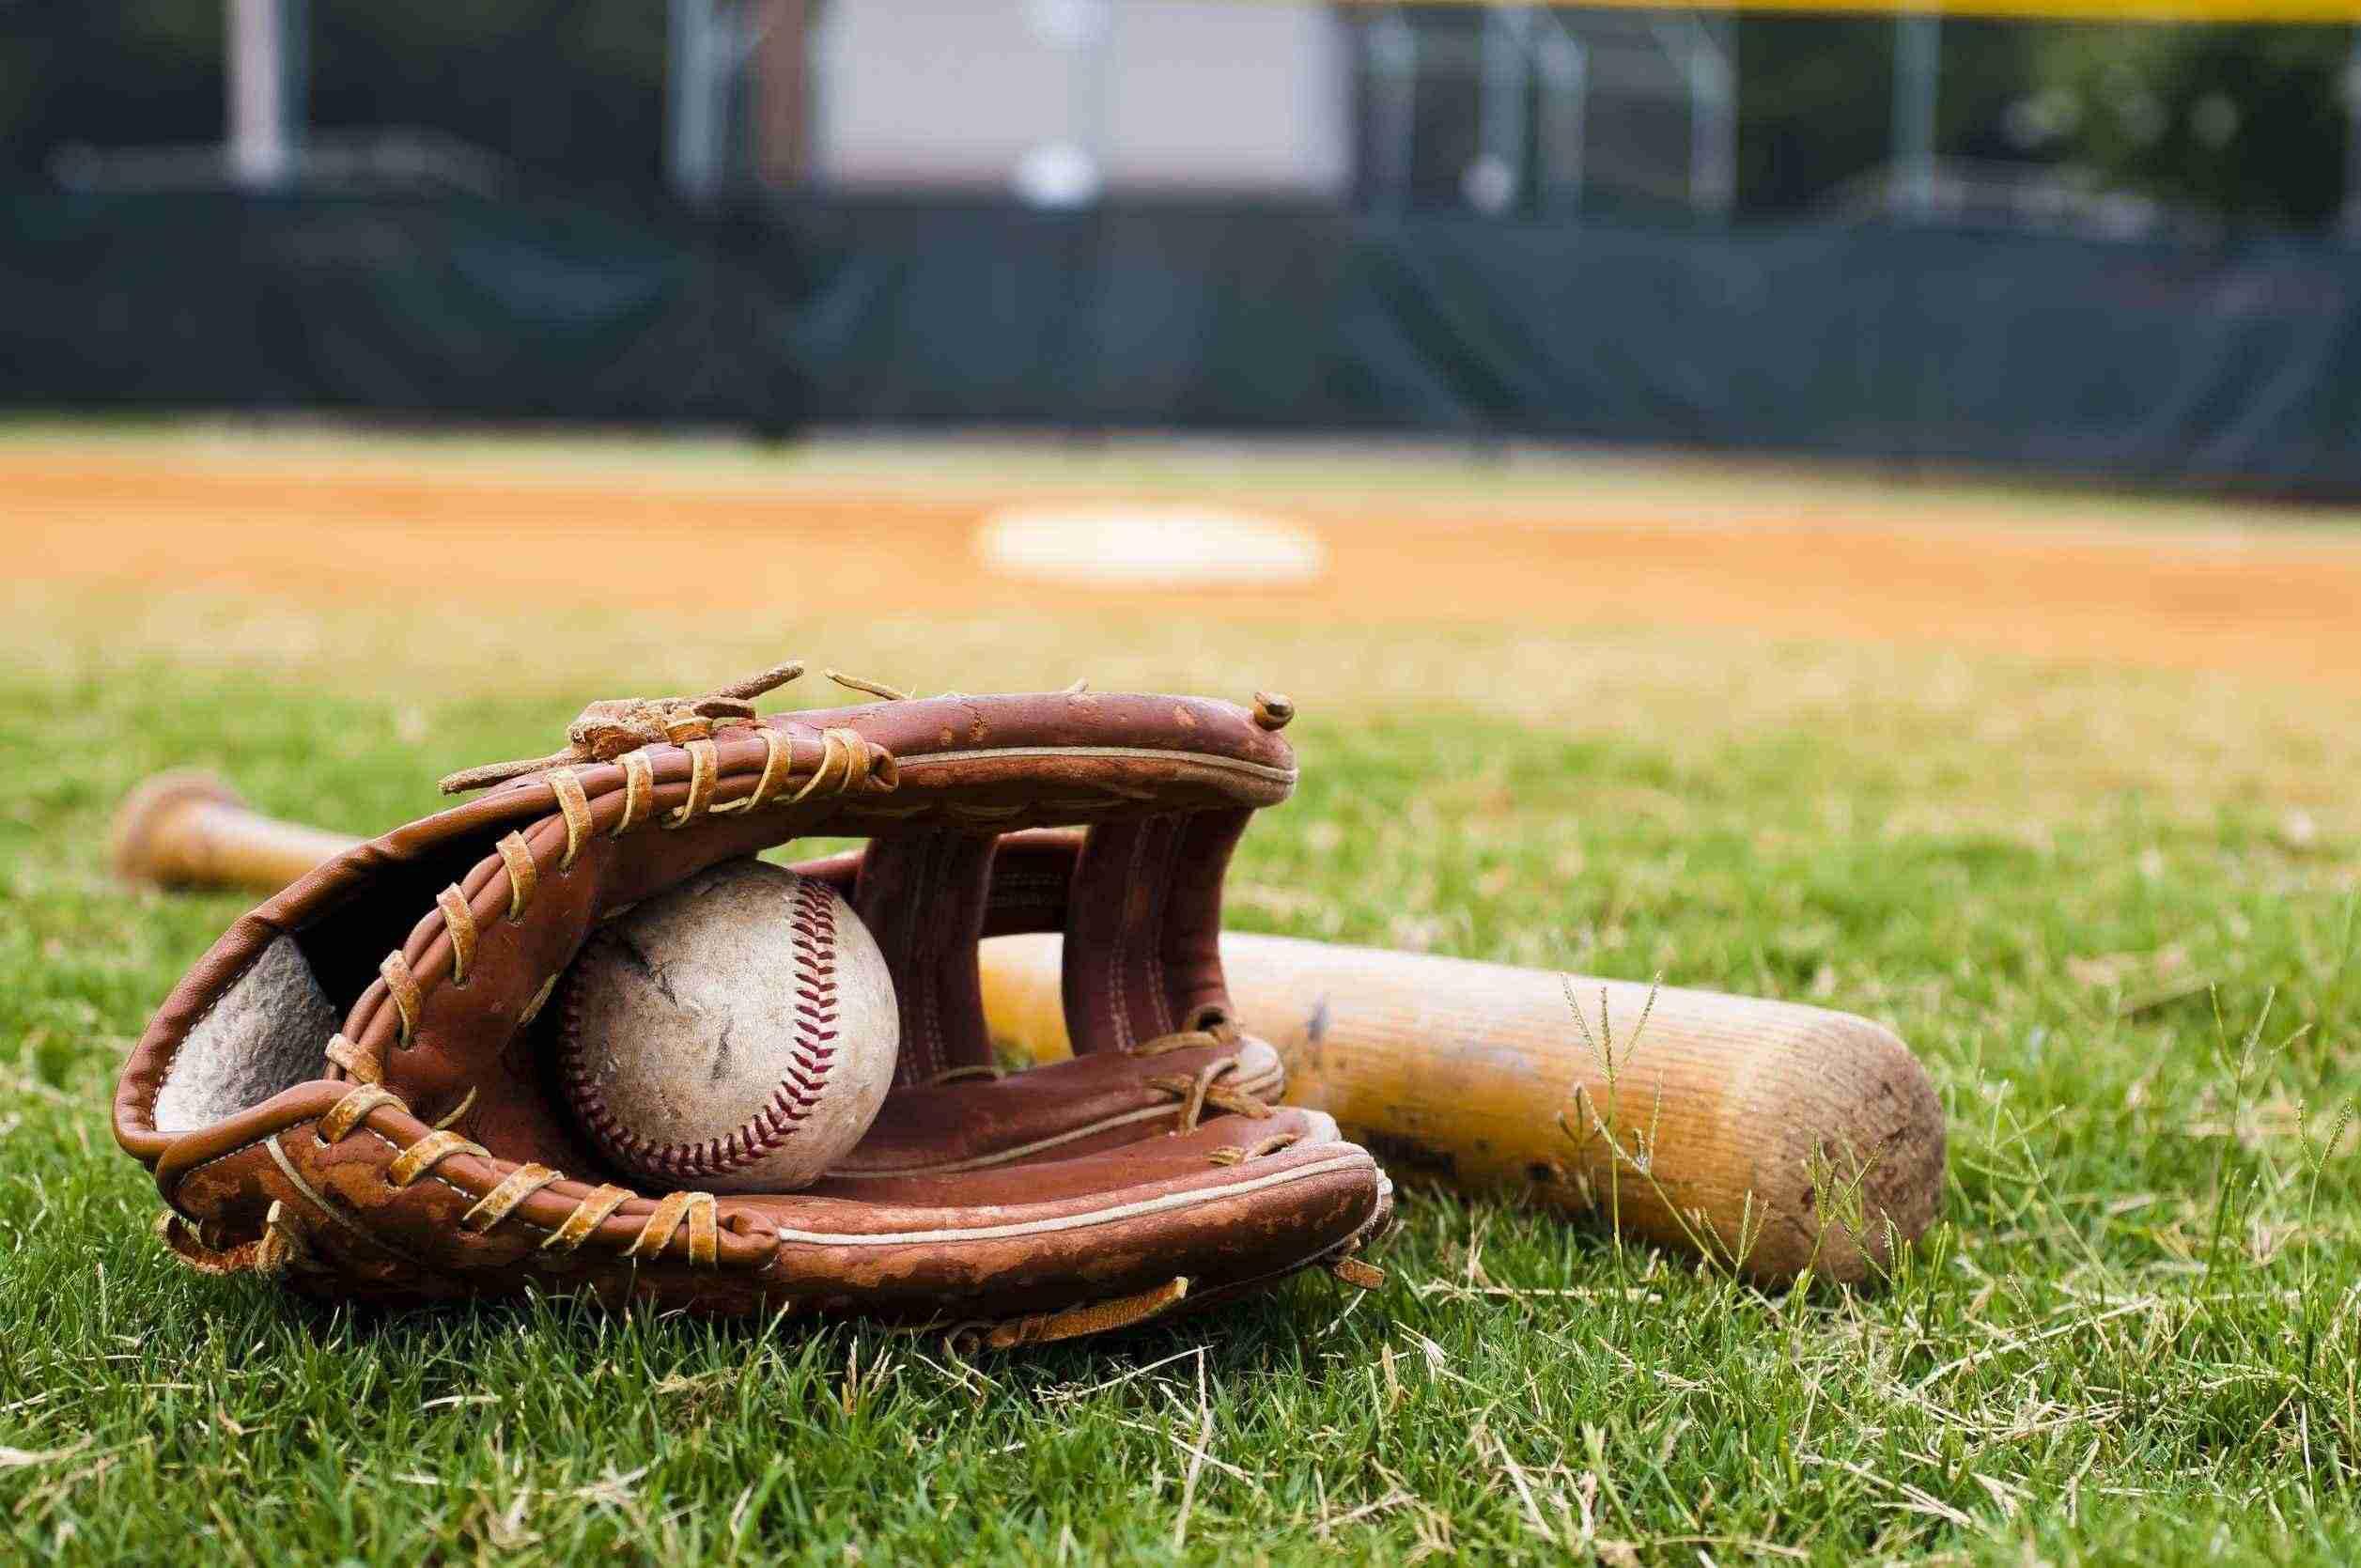 野球観戦中にボールが目に直撃!大量出血し救急車で病院へ…球団の対応は二転三転、その実態を暴露